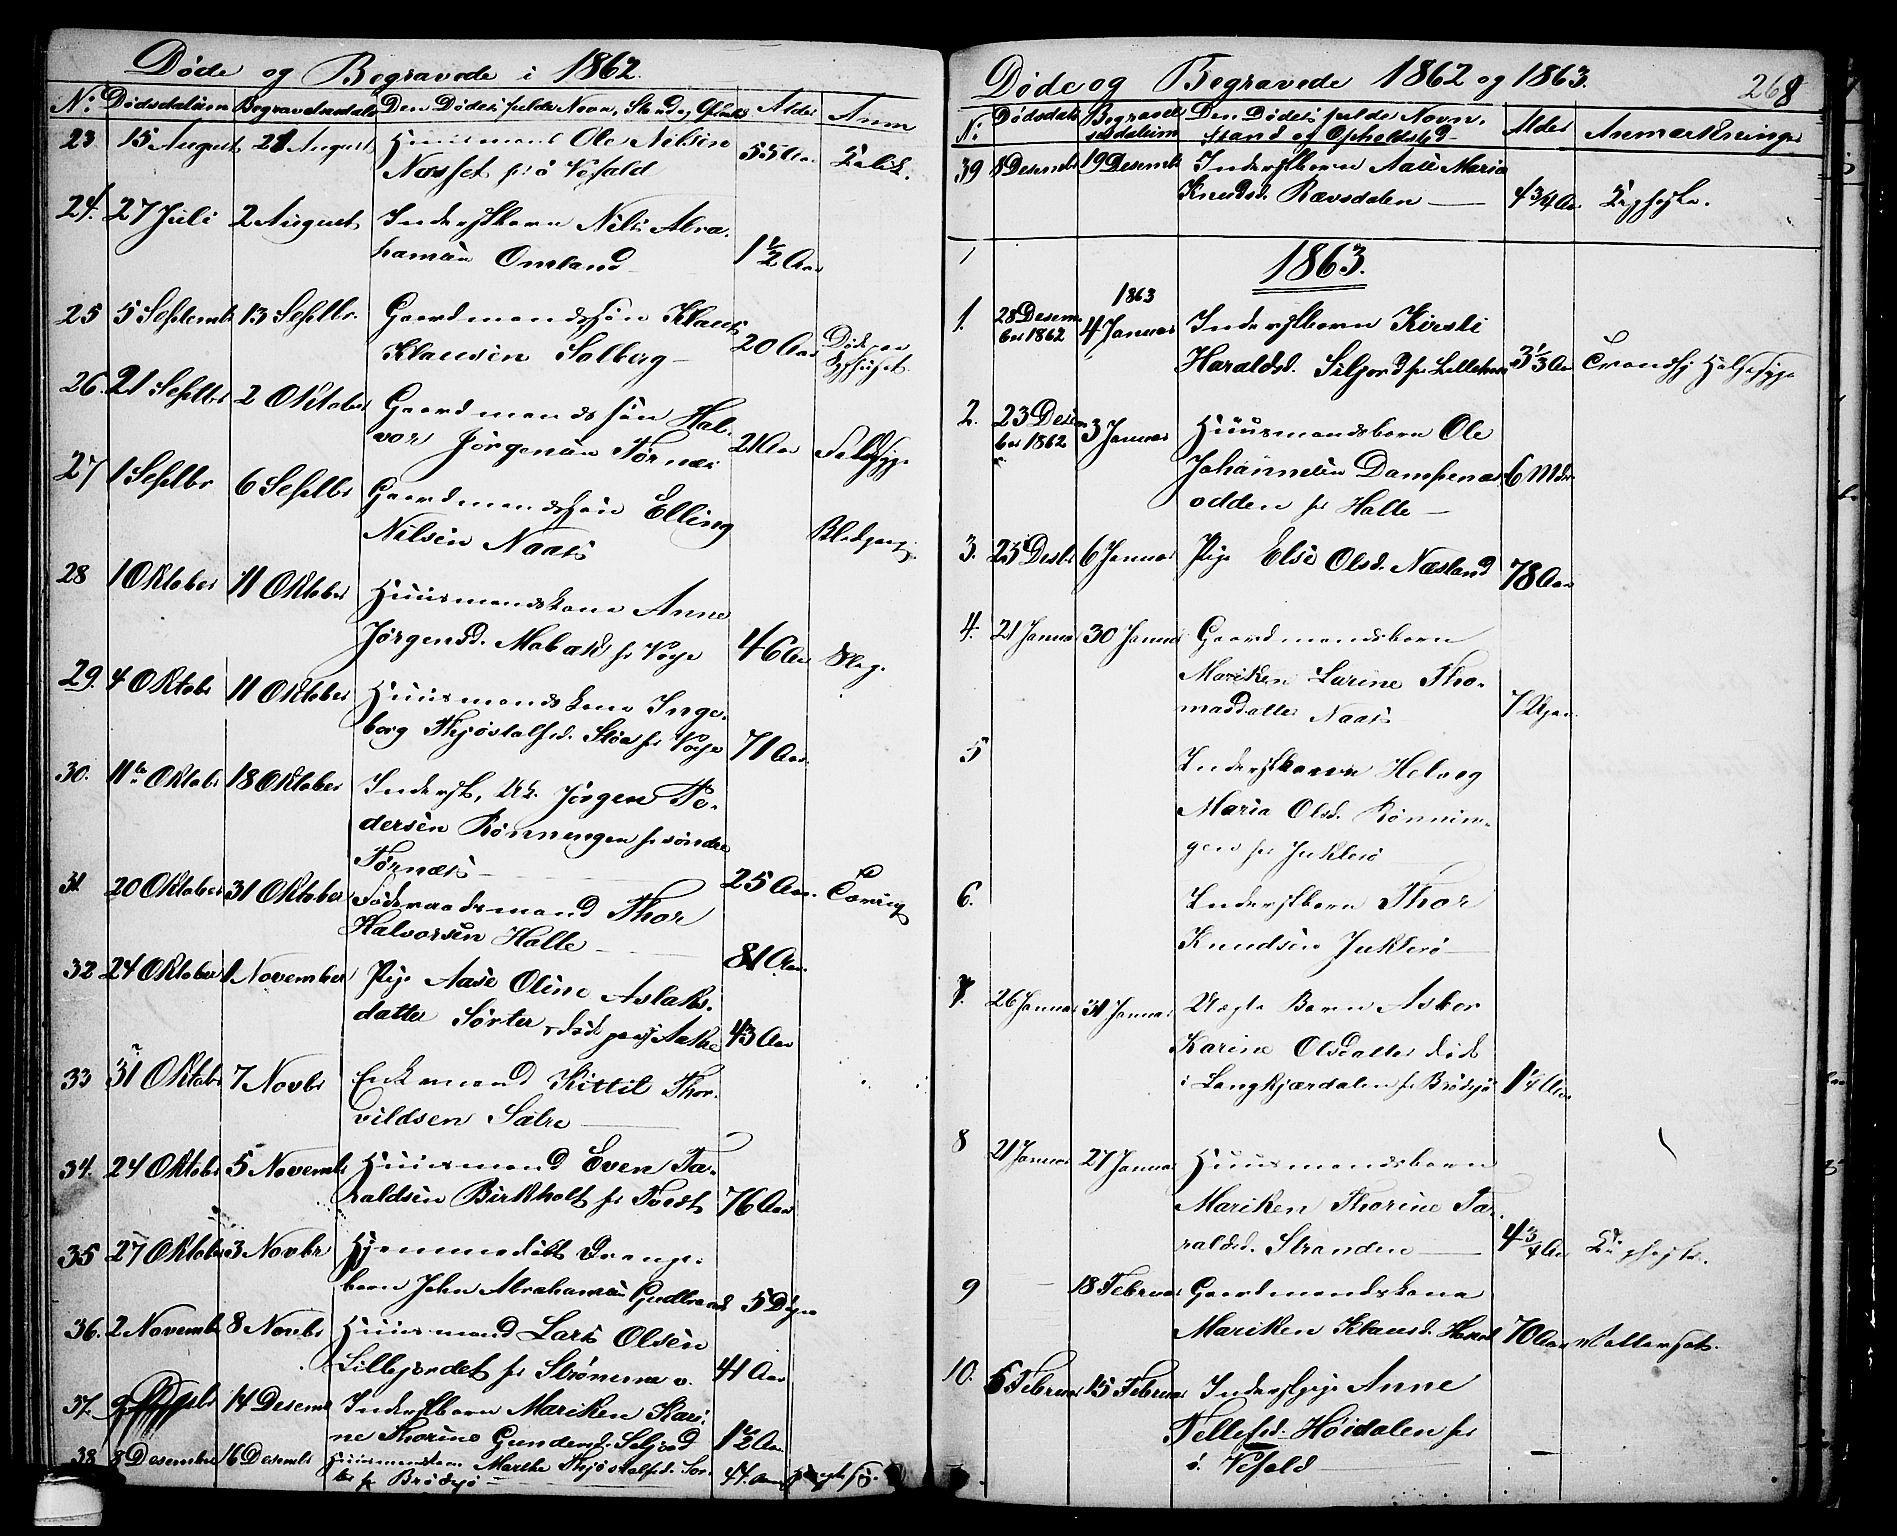 SAKO, Drangedal kirkebøker, G/Ga/L0002: Klokkerbok nr. I 2, 1856-1887, s. 268